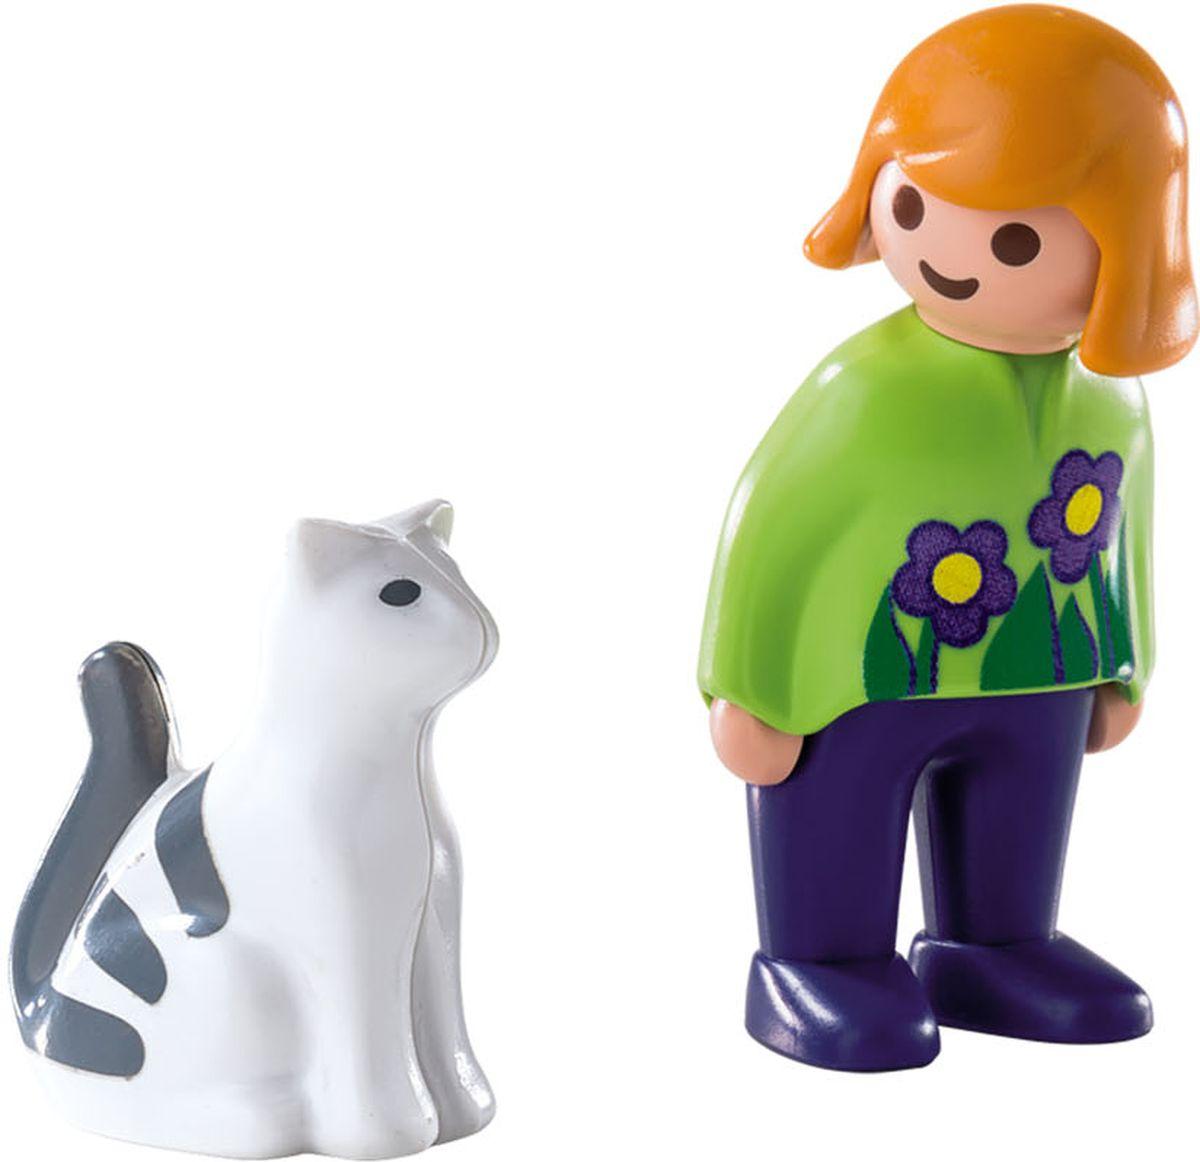 Playmobil Игровой набор Женщина с кошкой playmobil игровой набор в поисках приключений лодка с браконьерами